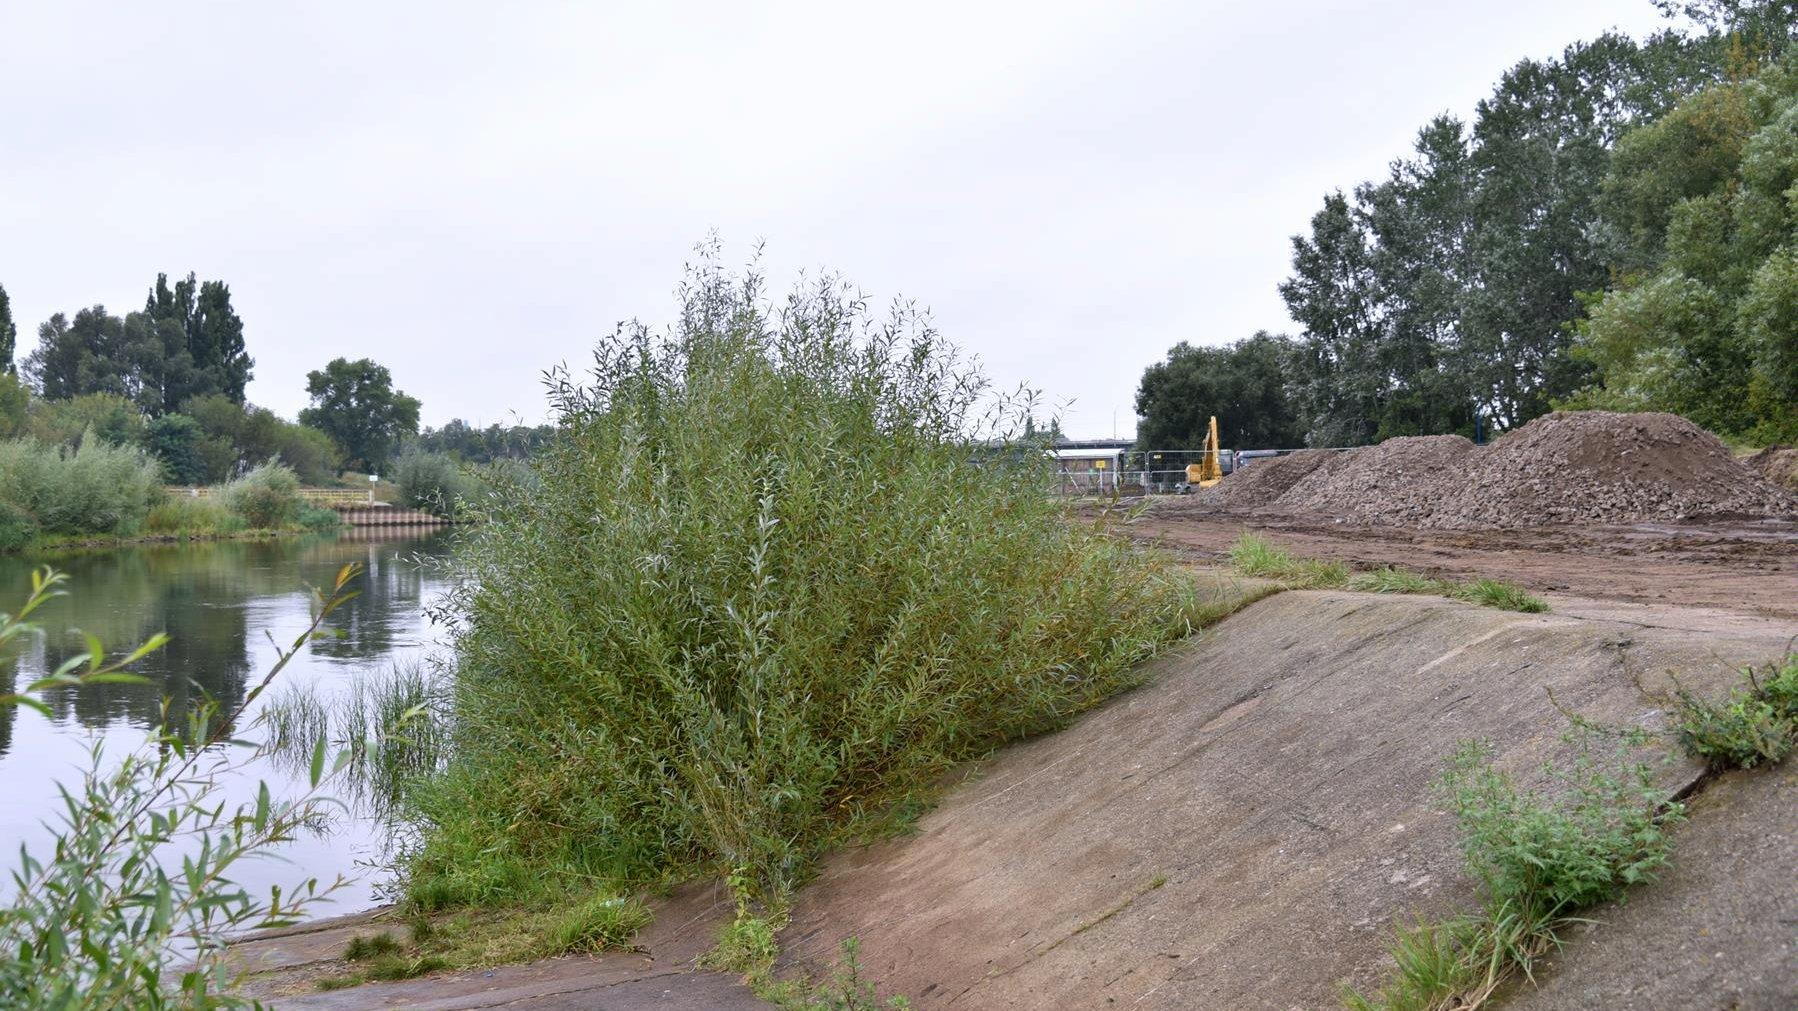 Zdjęcie przedstawia początek prac budowlanych. Po jednej stronie widać rzekę, po drugiej hałdy ziemi - grafika artykułu